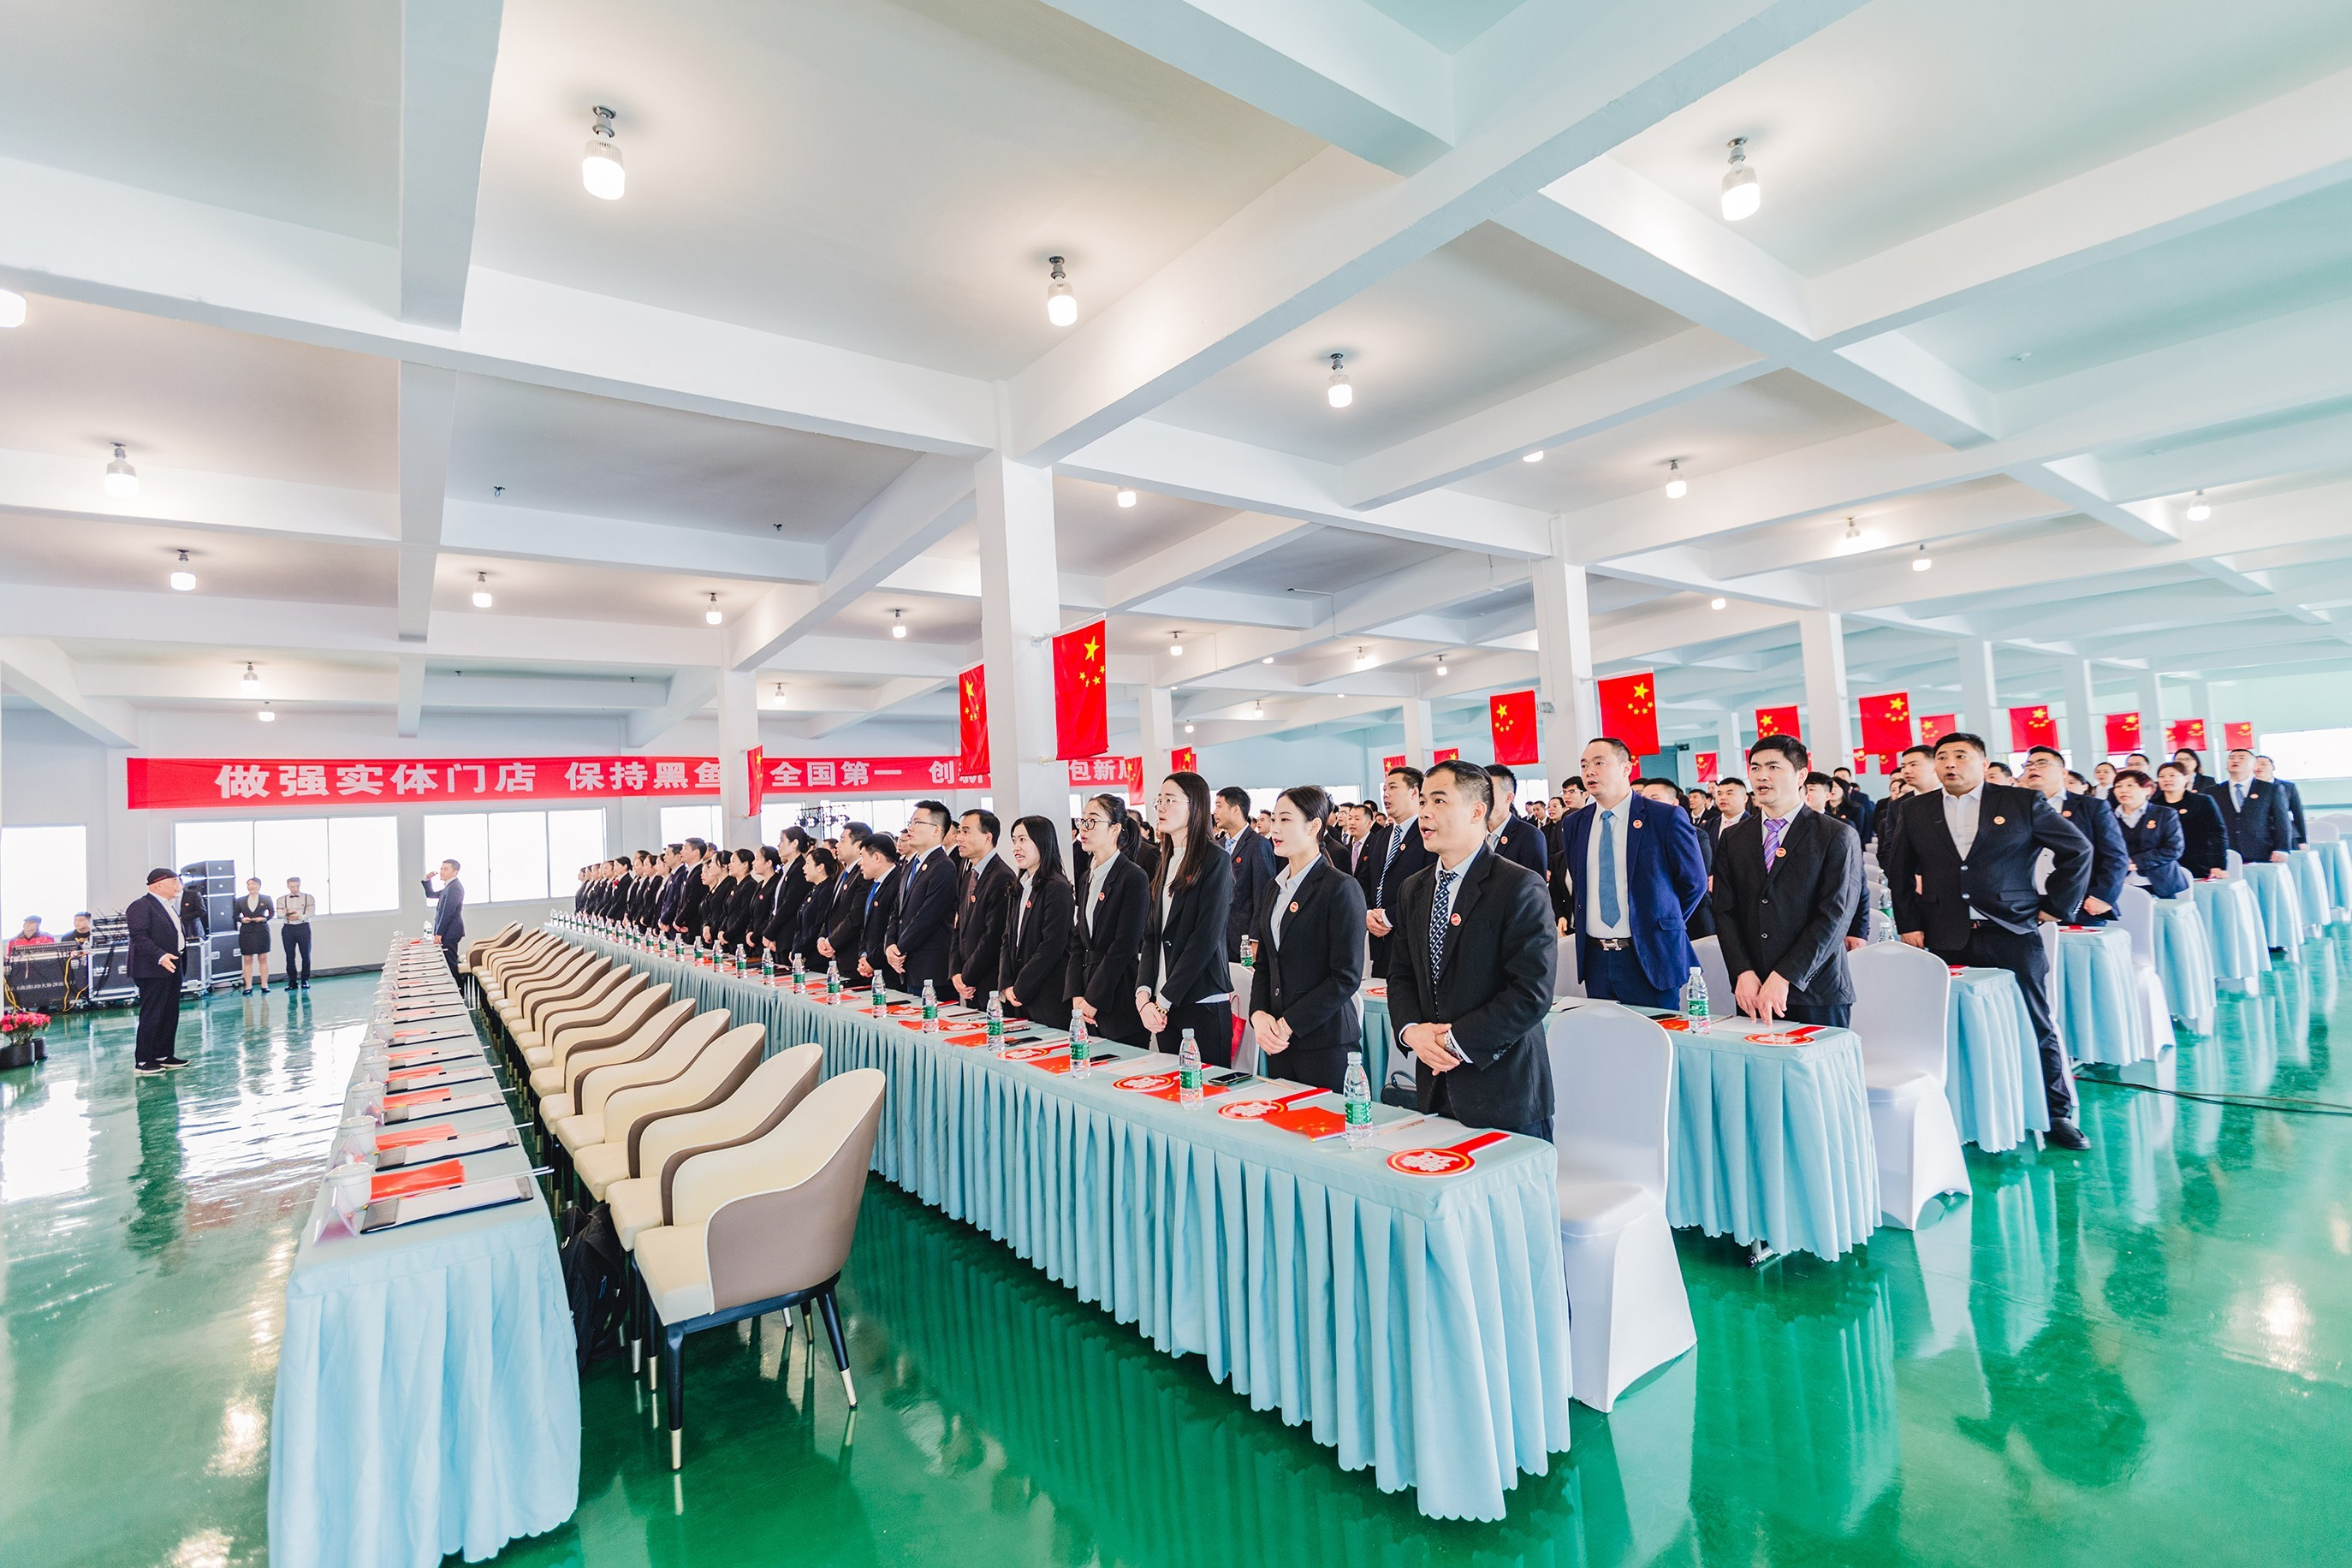 江蘇水天堂餐飲管理有限公司